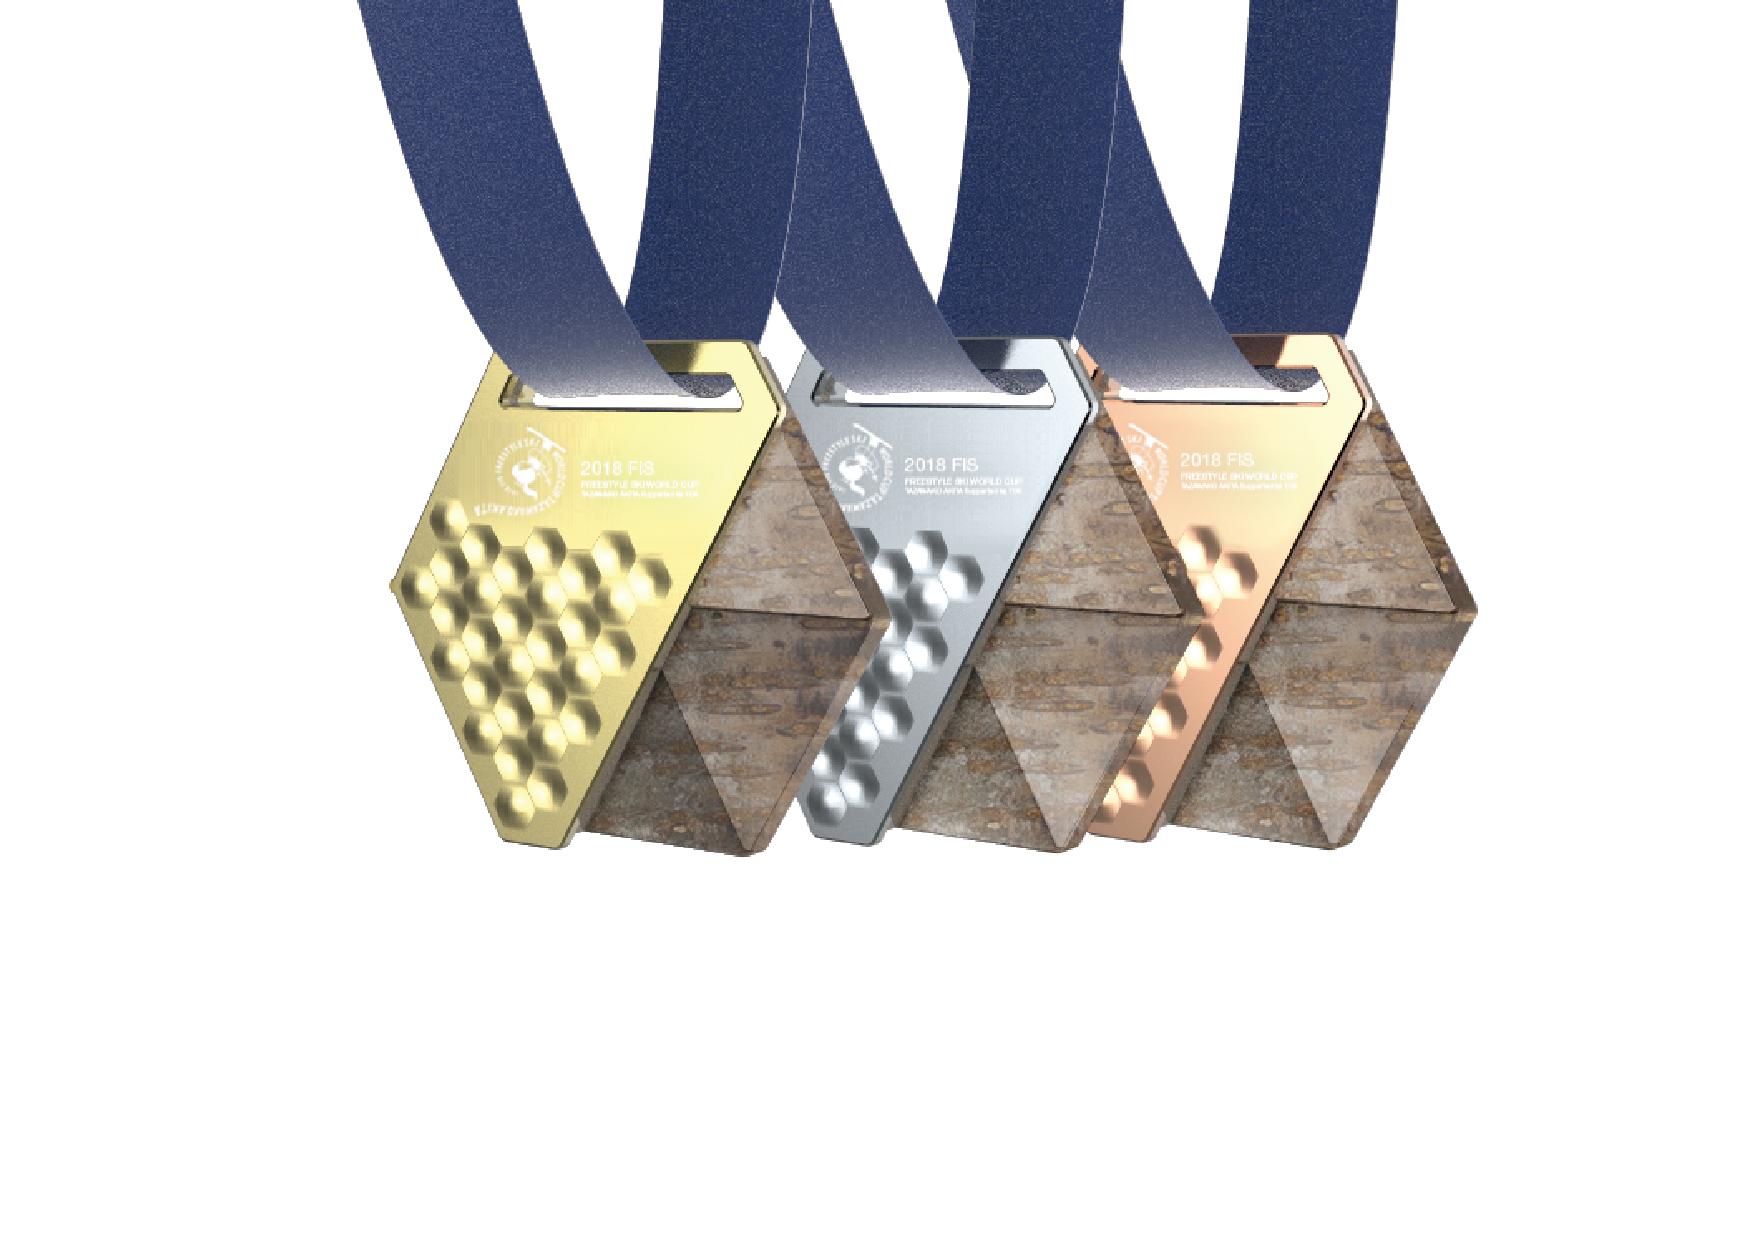 2019FIS リースタイルスキーワールドカップ 秋田たざわ湖大会 表彰メダル